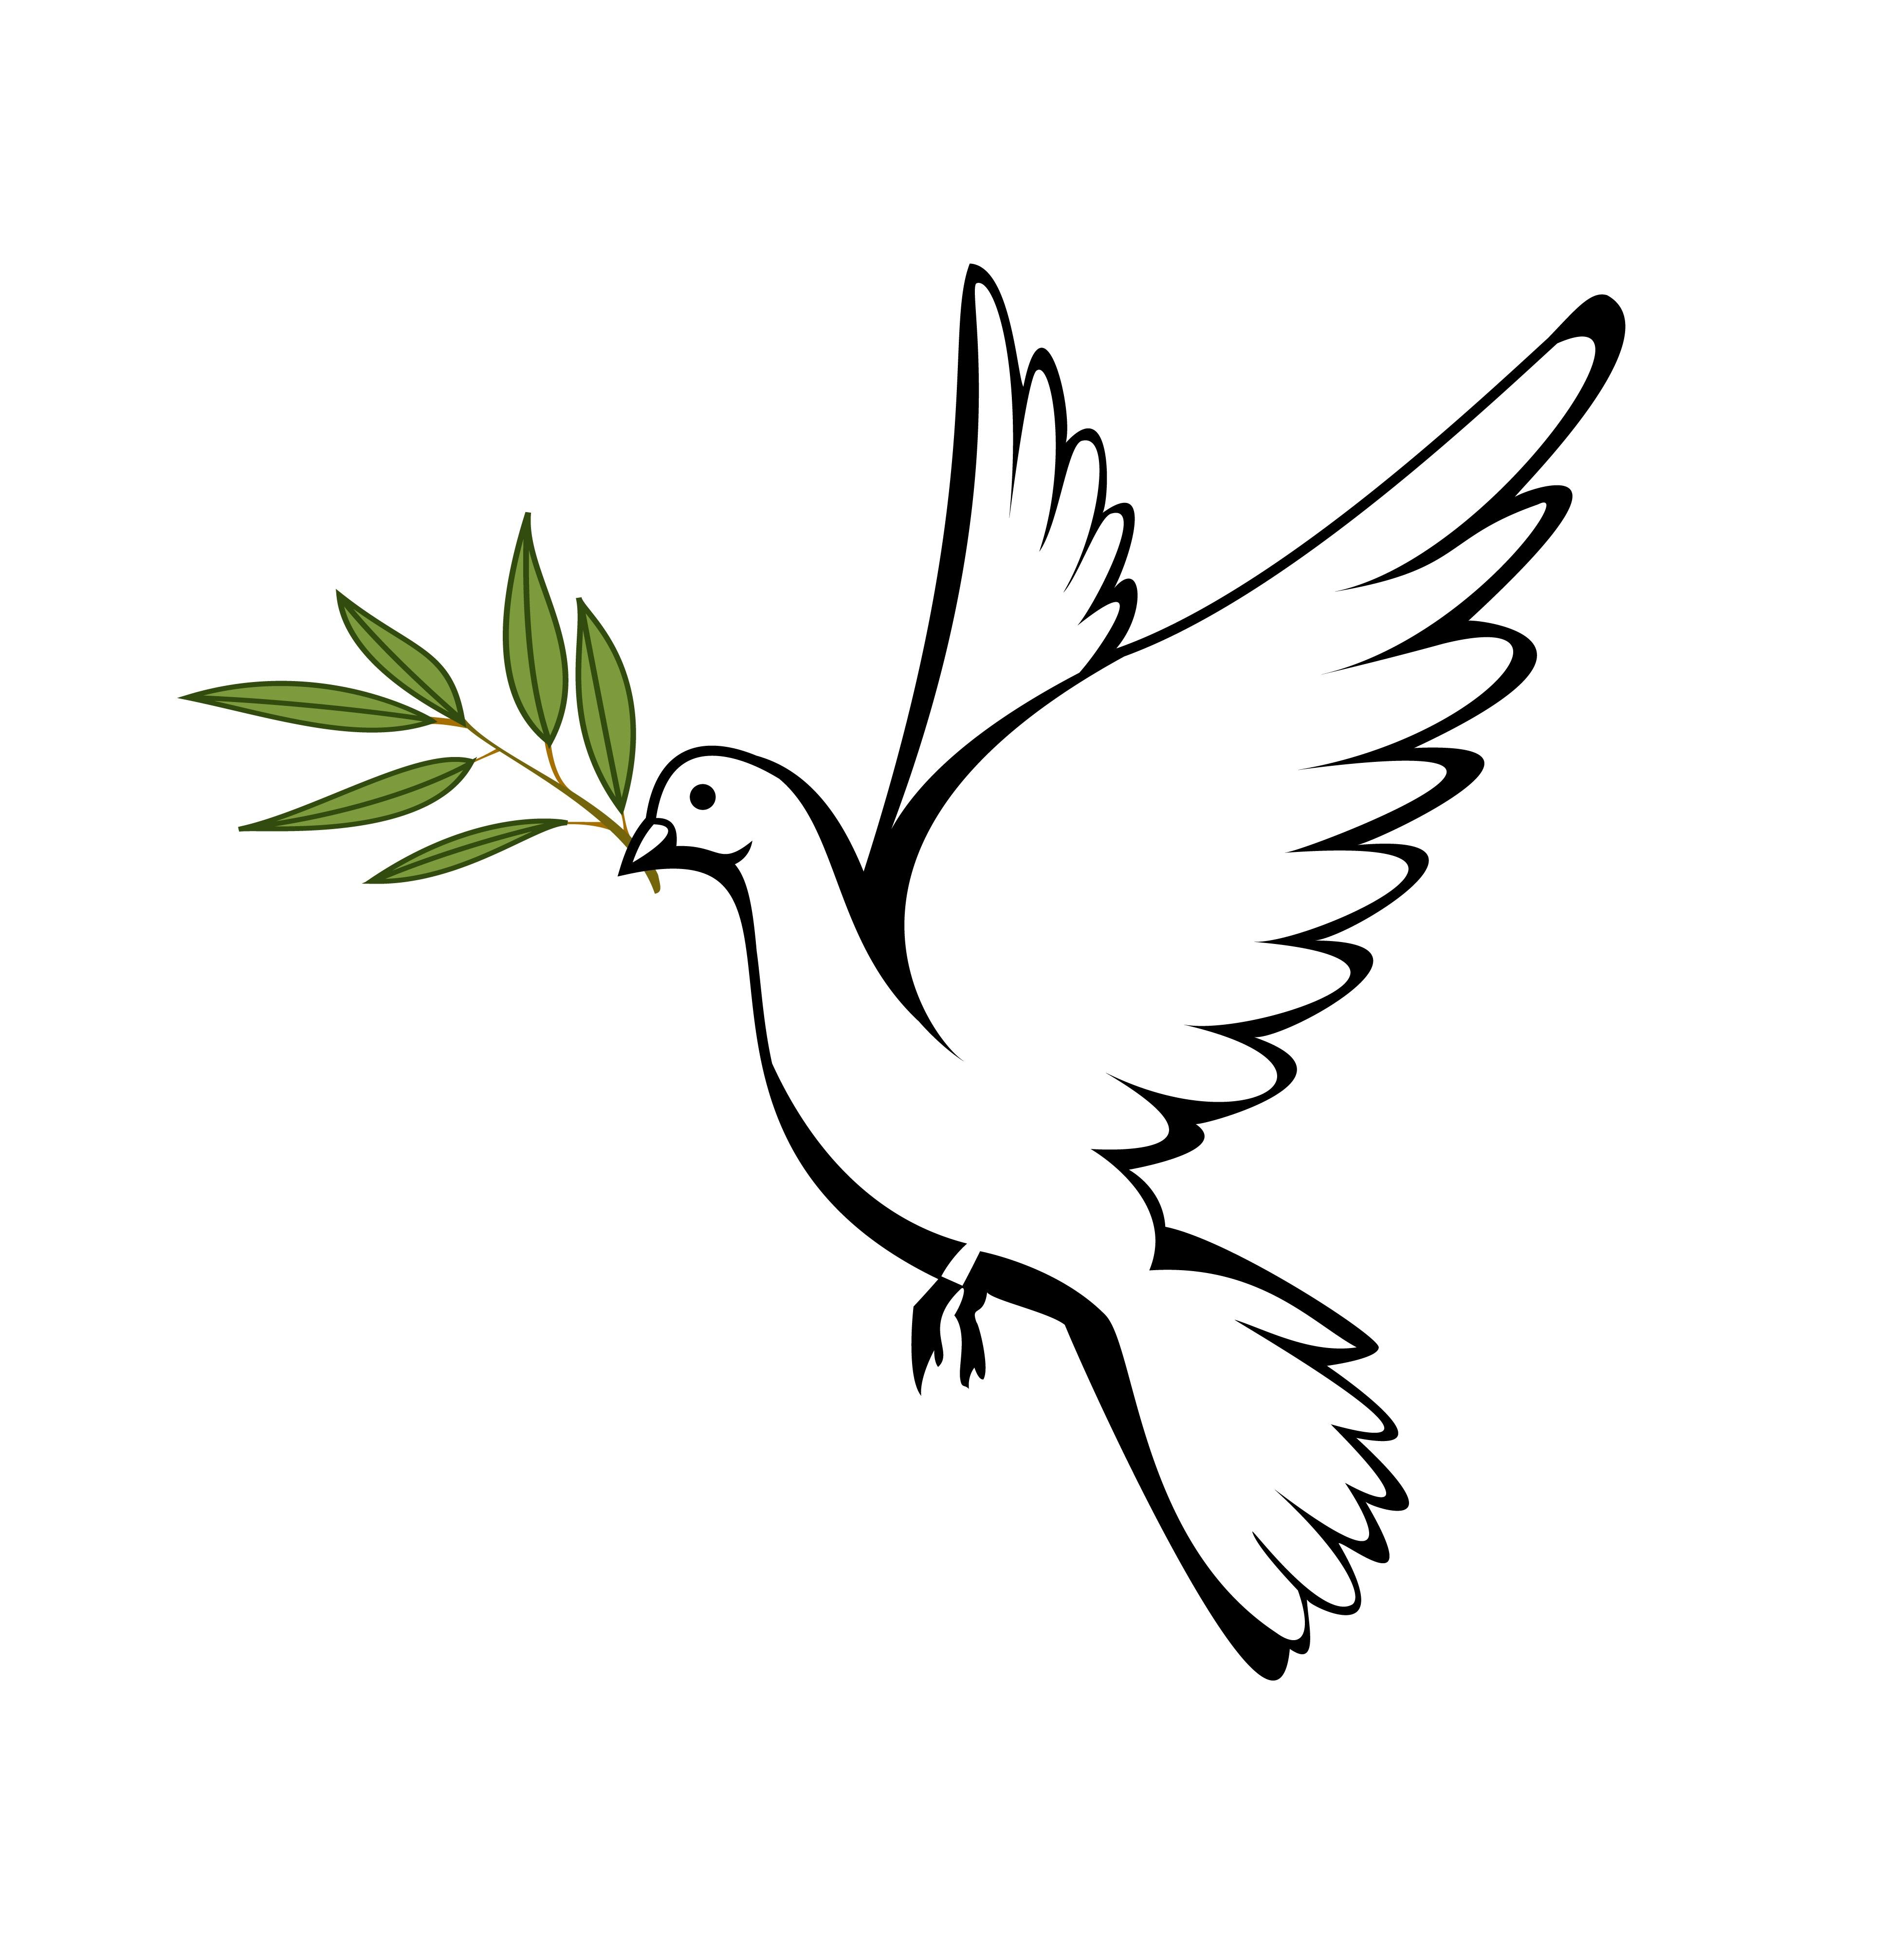 Christian Peace Dove Decal Dove Symbol Sticker Peace Dove ...  |Christian Dove Symbol